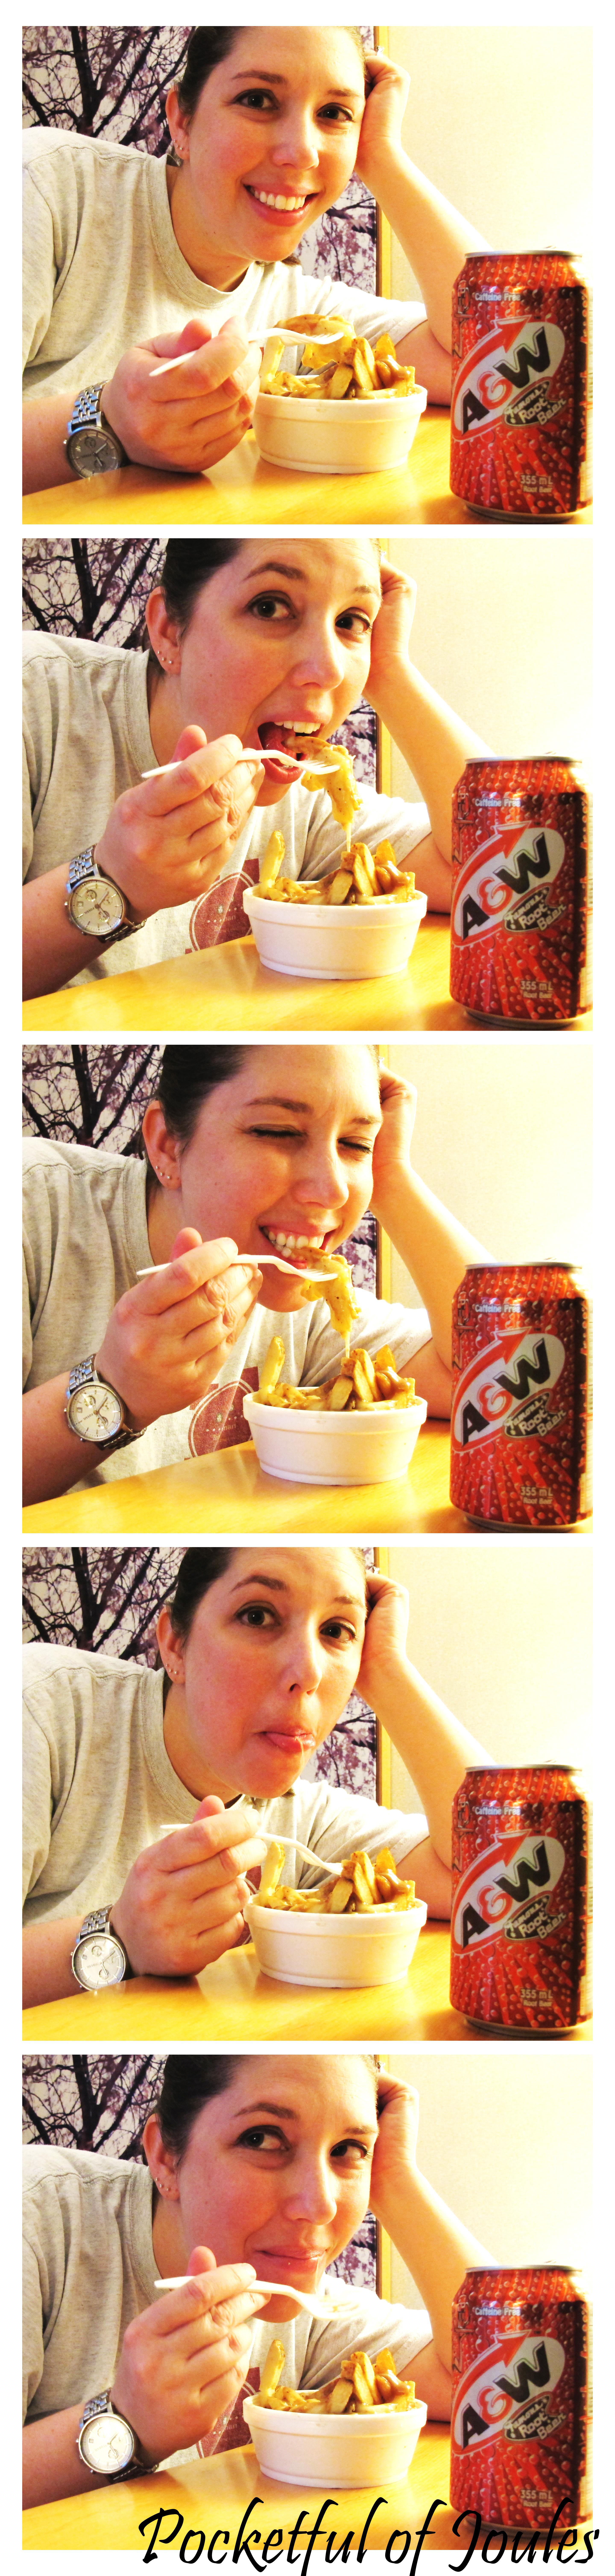 first taste photo strip